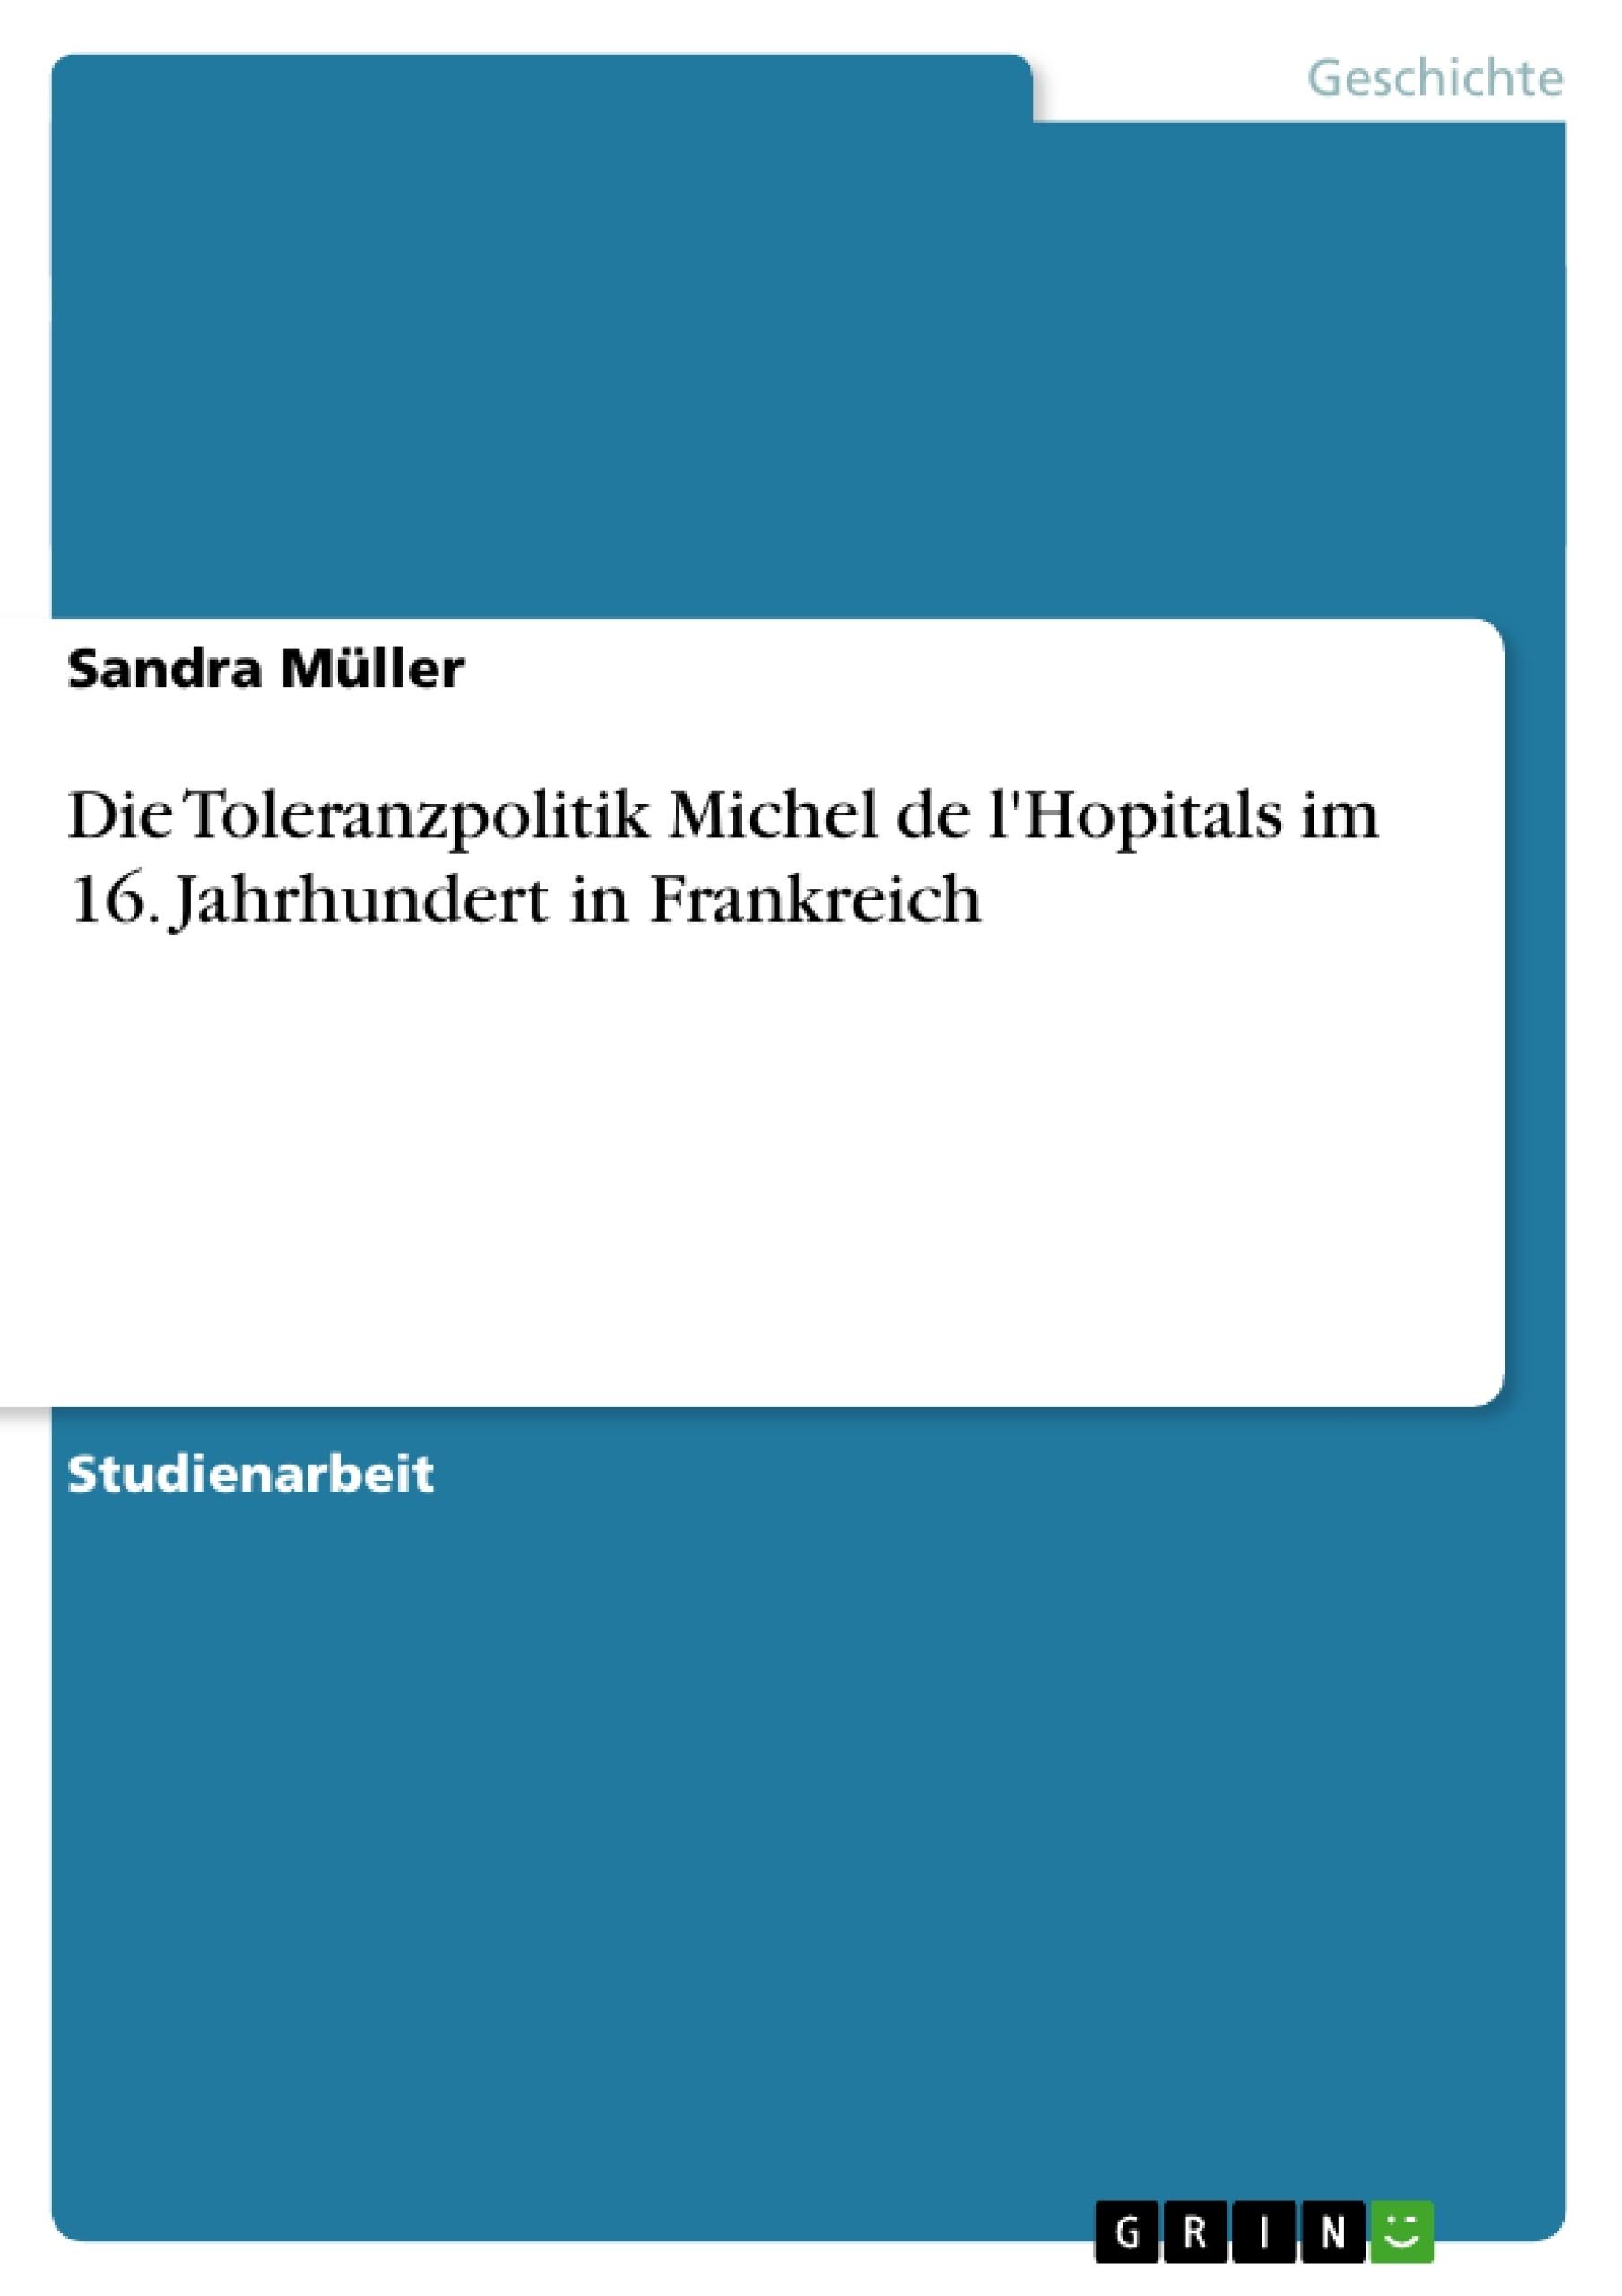 Titel: Die Toleranzpolitik Michel de l'Hopitals im 16. Jahrhundert in Frankreich